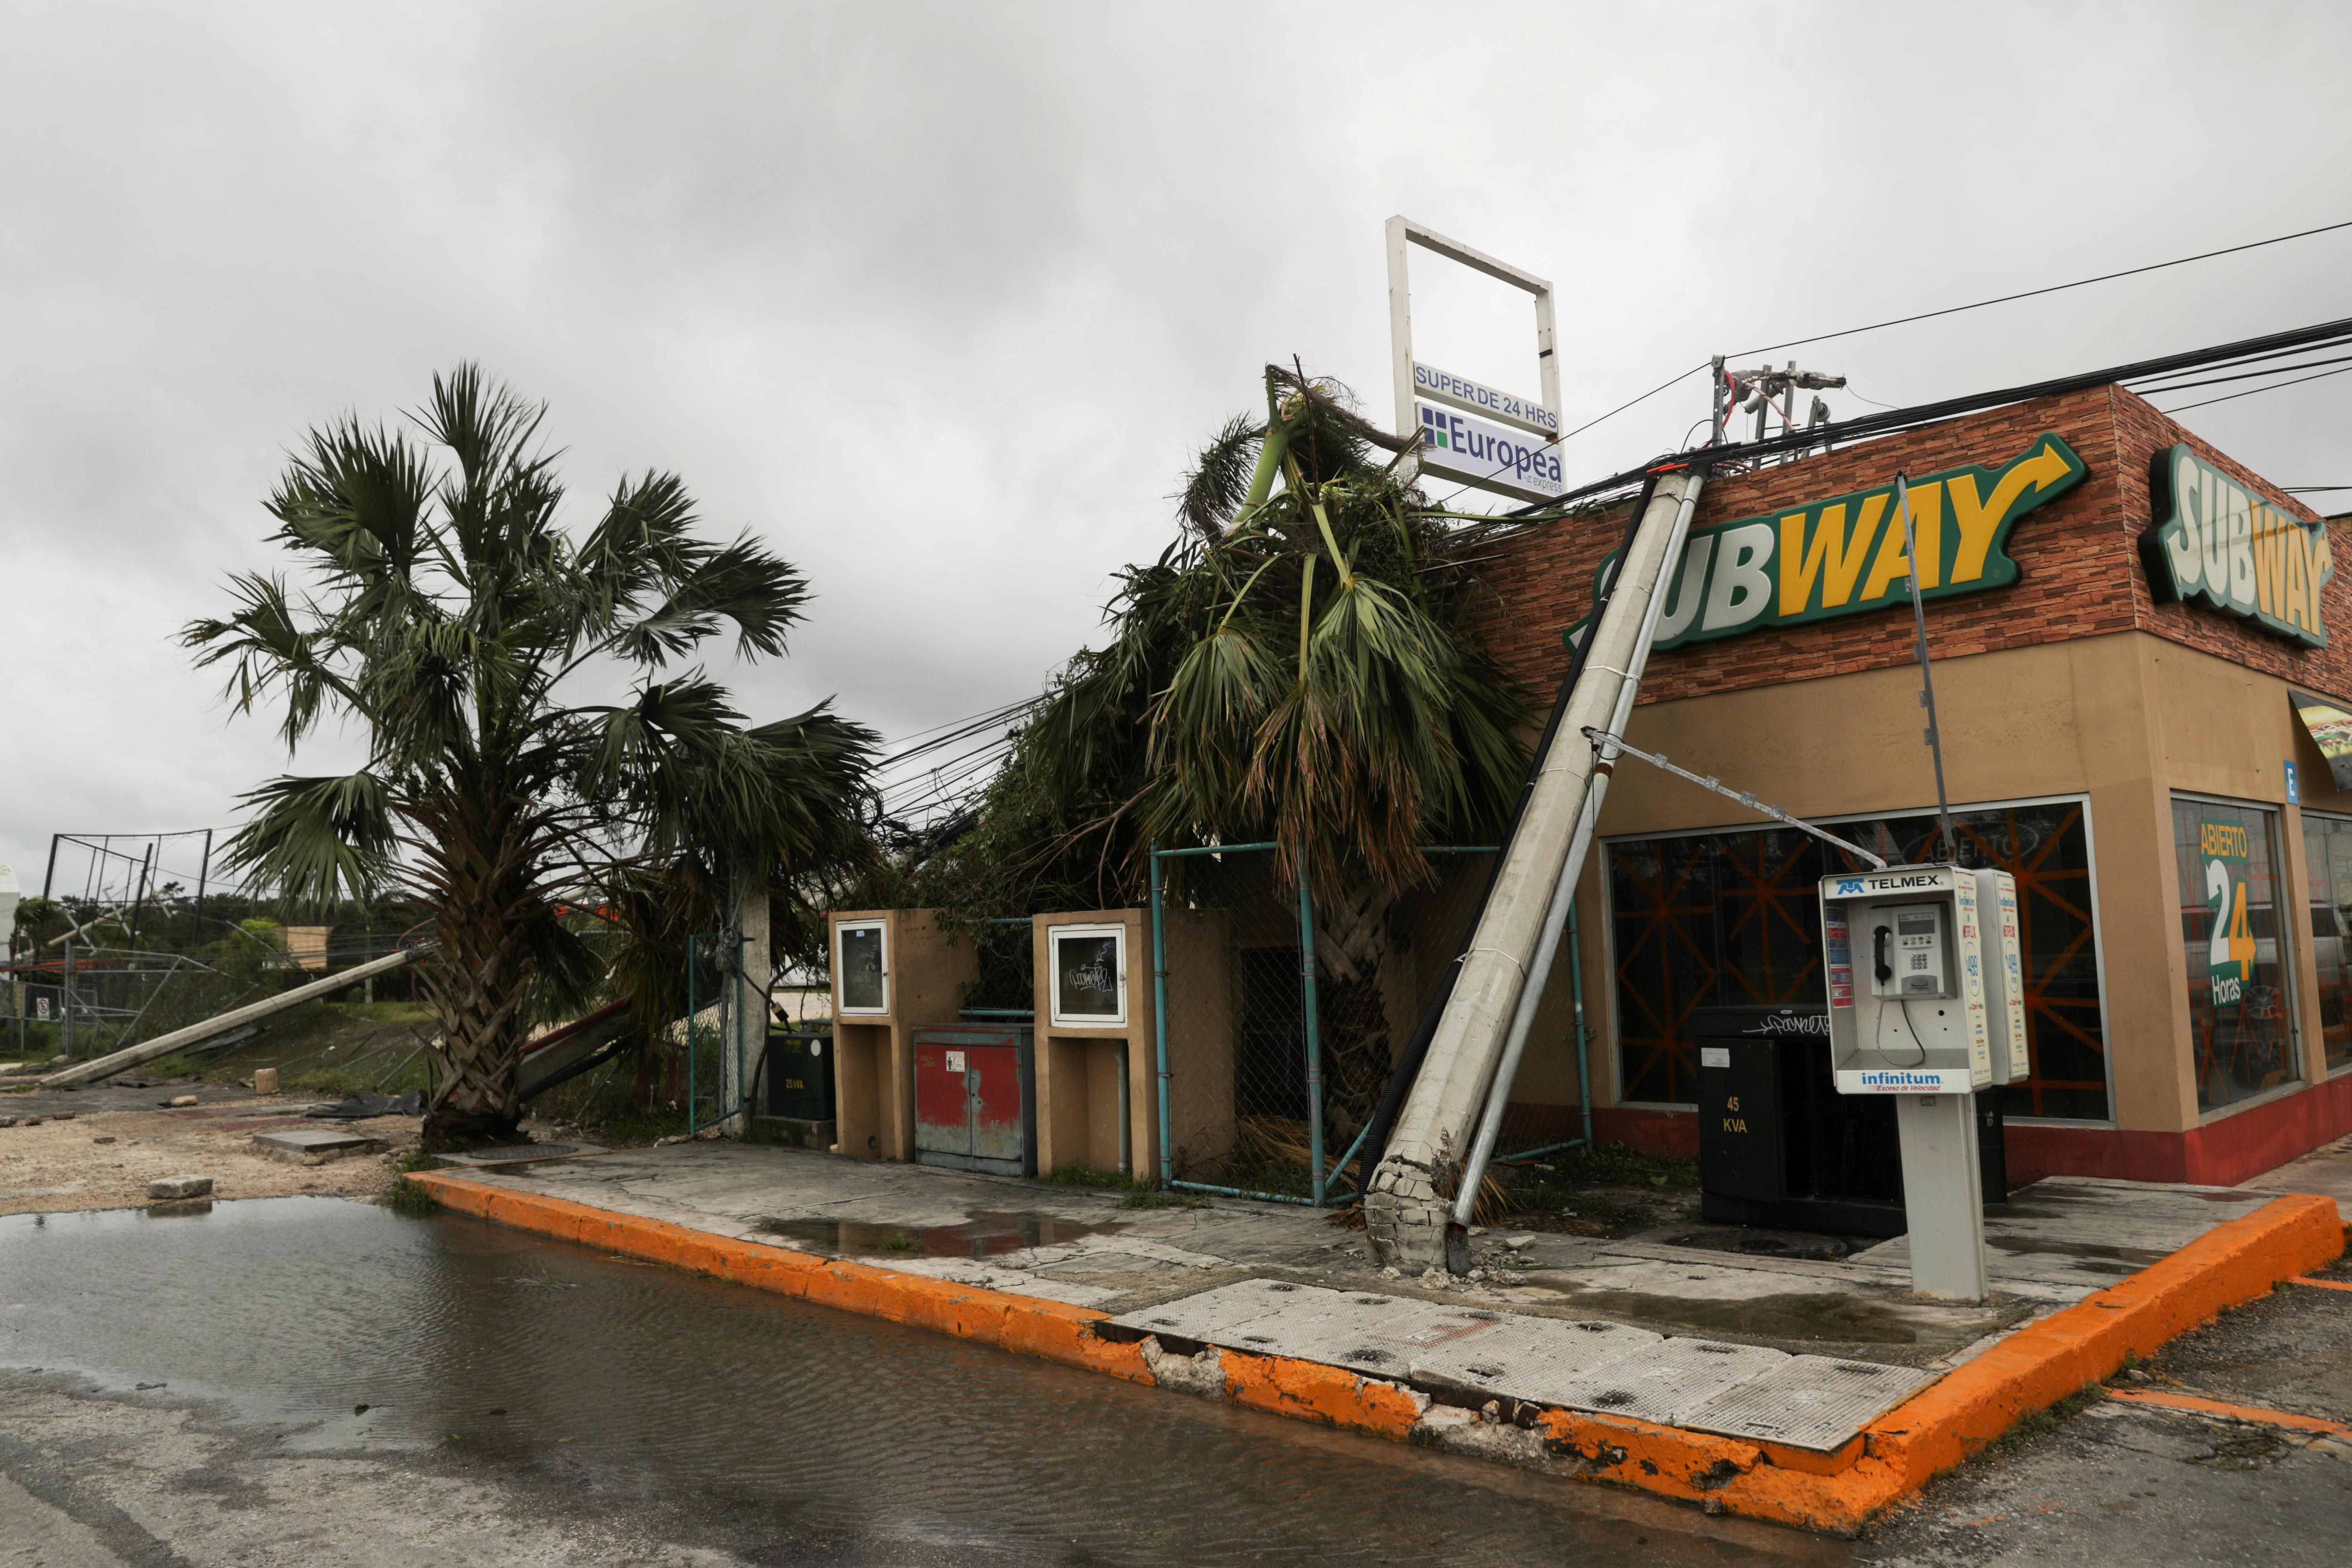 Un restaurante Subway dañado se ve después de que un poste de electricidad cayera sobre él, a raíz del huracán Delta, en Cancún, en el estado de Quintana Roo, México, el 7 de octubre de 2020.